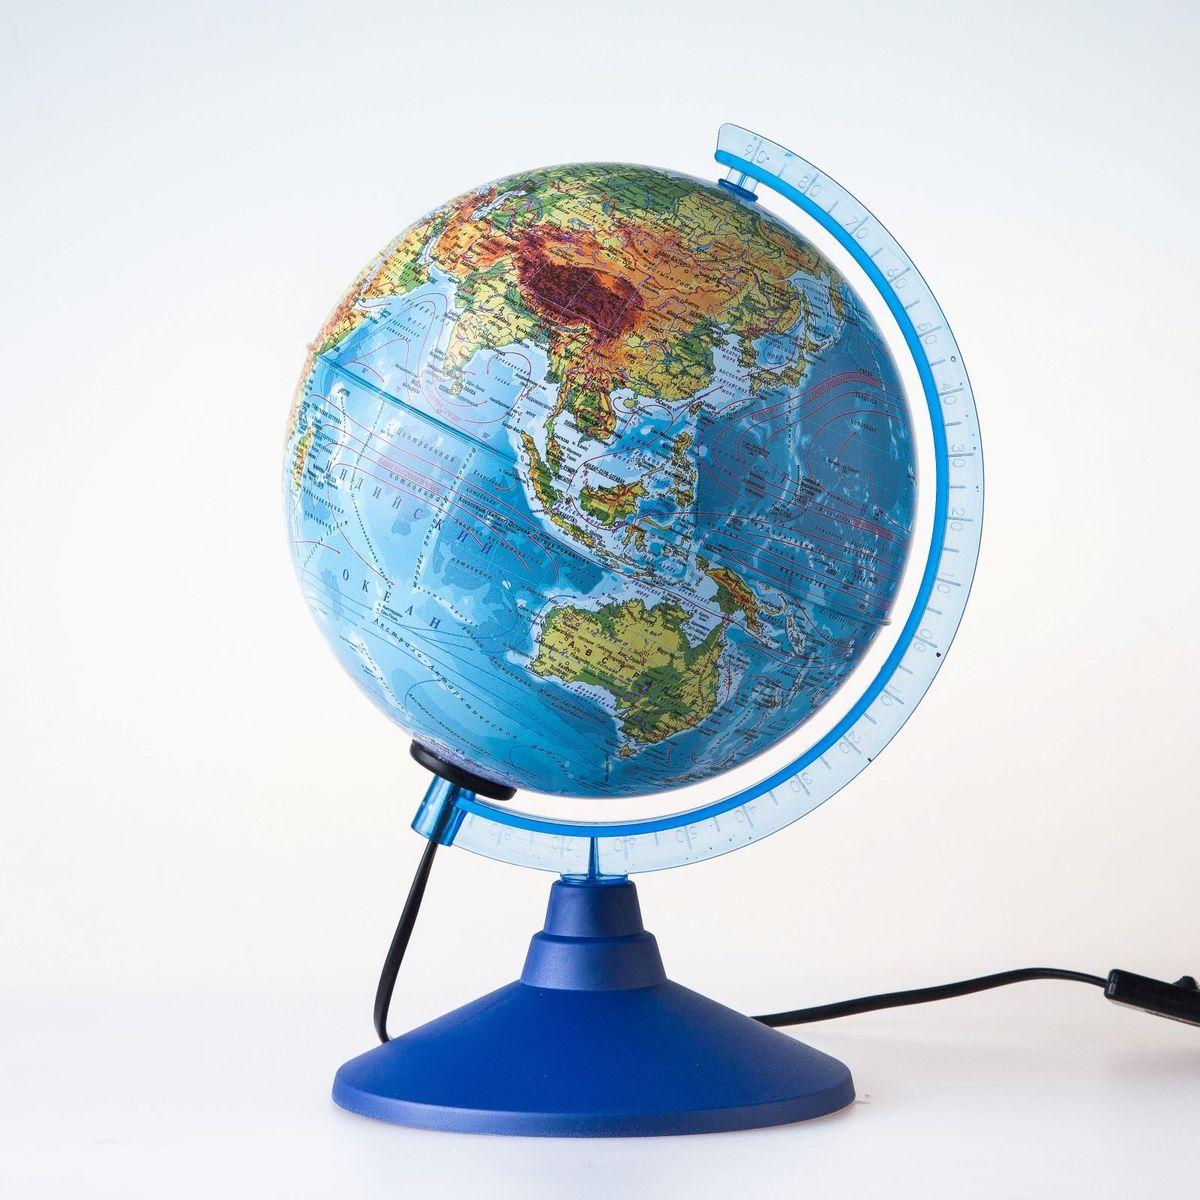 Глобен Глобус физический Классик Евро диаметр 15 см1072878Глобус для всех, глобус каждому! Глобус — самый простой способ привить ребенку любовь к географии. Он является отличным наглядным примером, который способен в игровой доступной и понятной форме объяснить понятия о планете Земля. Также интерес к глобусам проявляют не только детки, но и взрослые. Для многих уменьшенная копия планеты заменяет атлас мира из-за своей доступности и универсальности. Умный подарок! Кому принято дарить глобусы? Всем! Глобус физический диаметр 150мм Классик Евро с подсветкой — это уменьшенная копия земного шара, в которой каждый найдет для себя что-то свое. путешественники и заядлые туристы смогут отмечать с помощью стикеров те места, в которых побывали или собираются их посетить деловые и успешные люди оценят такой подарок по достоинству, потому что глобус ассоциируется со статусом и властью преподаватели, ученые, студенты или просто неординарные личности также найдут для глобуса достойное место в своем доме. Итак,...